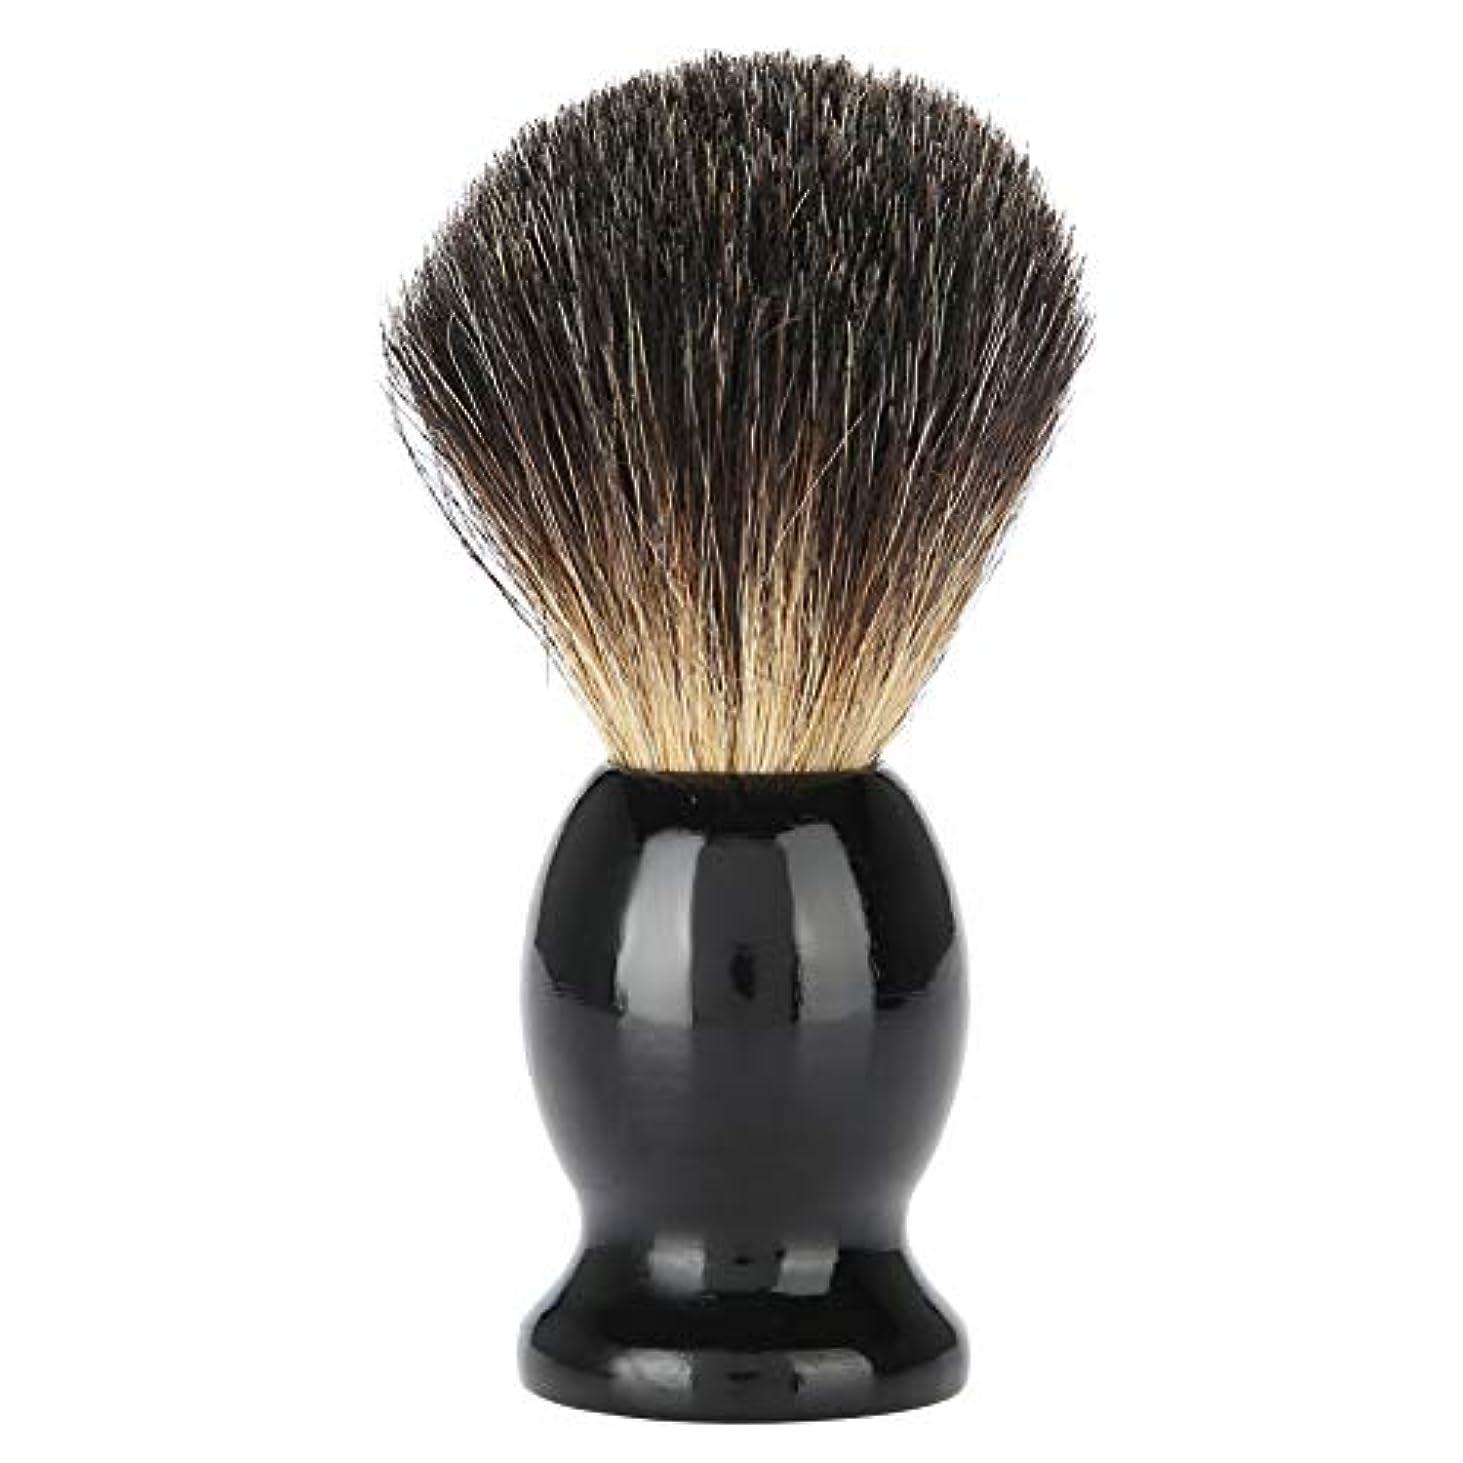 該当する伝える唯物論Qinlorgo シェービングブラシ メンズ シェービングブラシ 木製あごひげクリーニングブラシ 髭ブラシ 男性用シェービング用